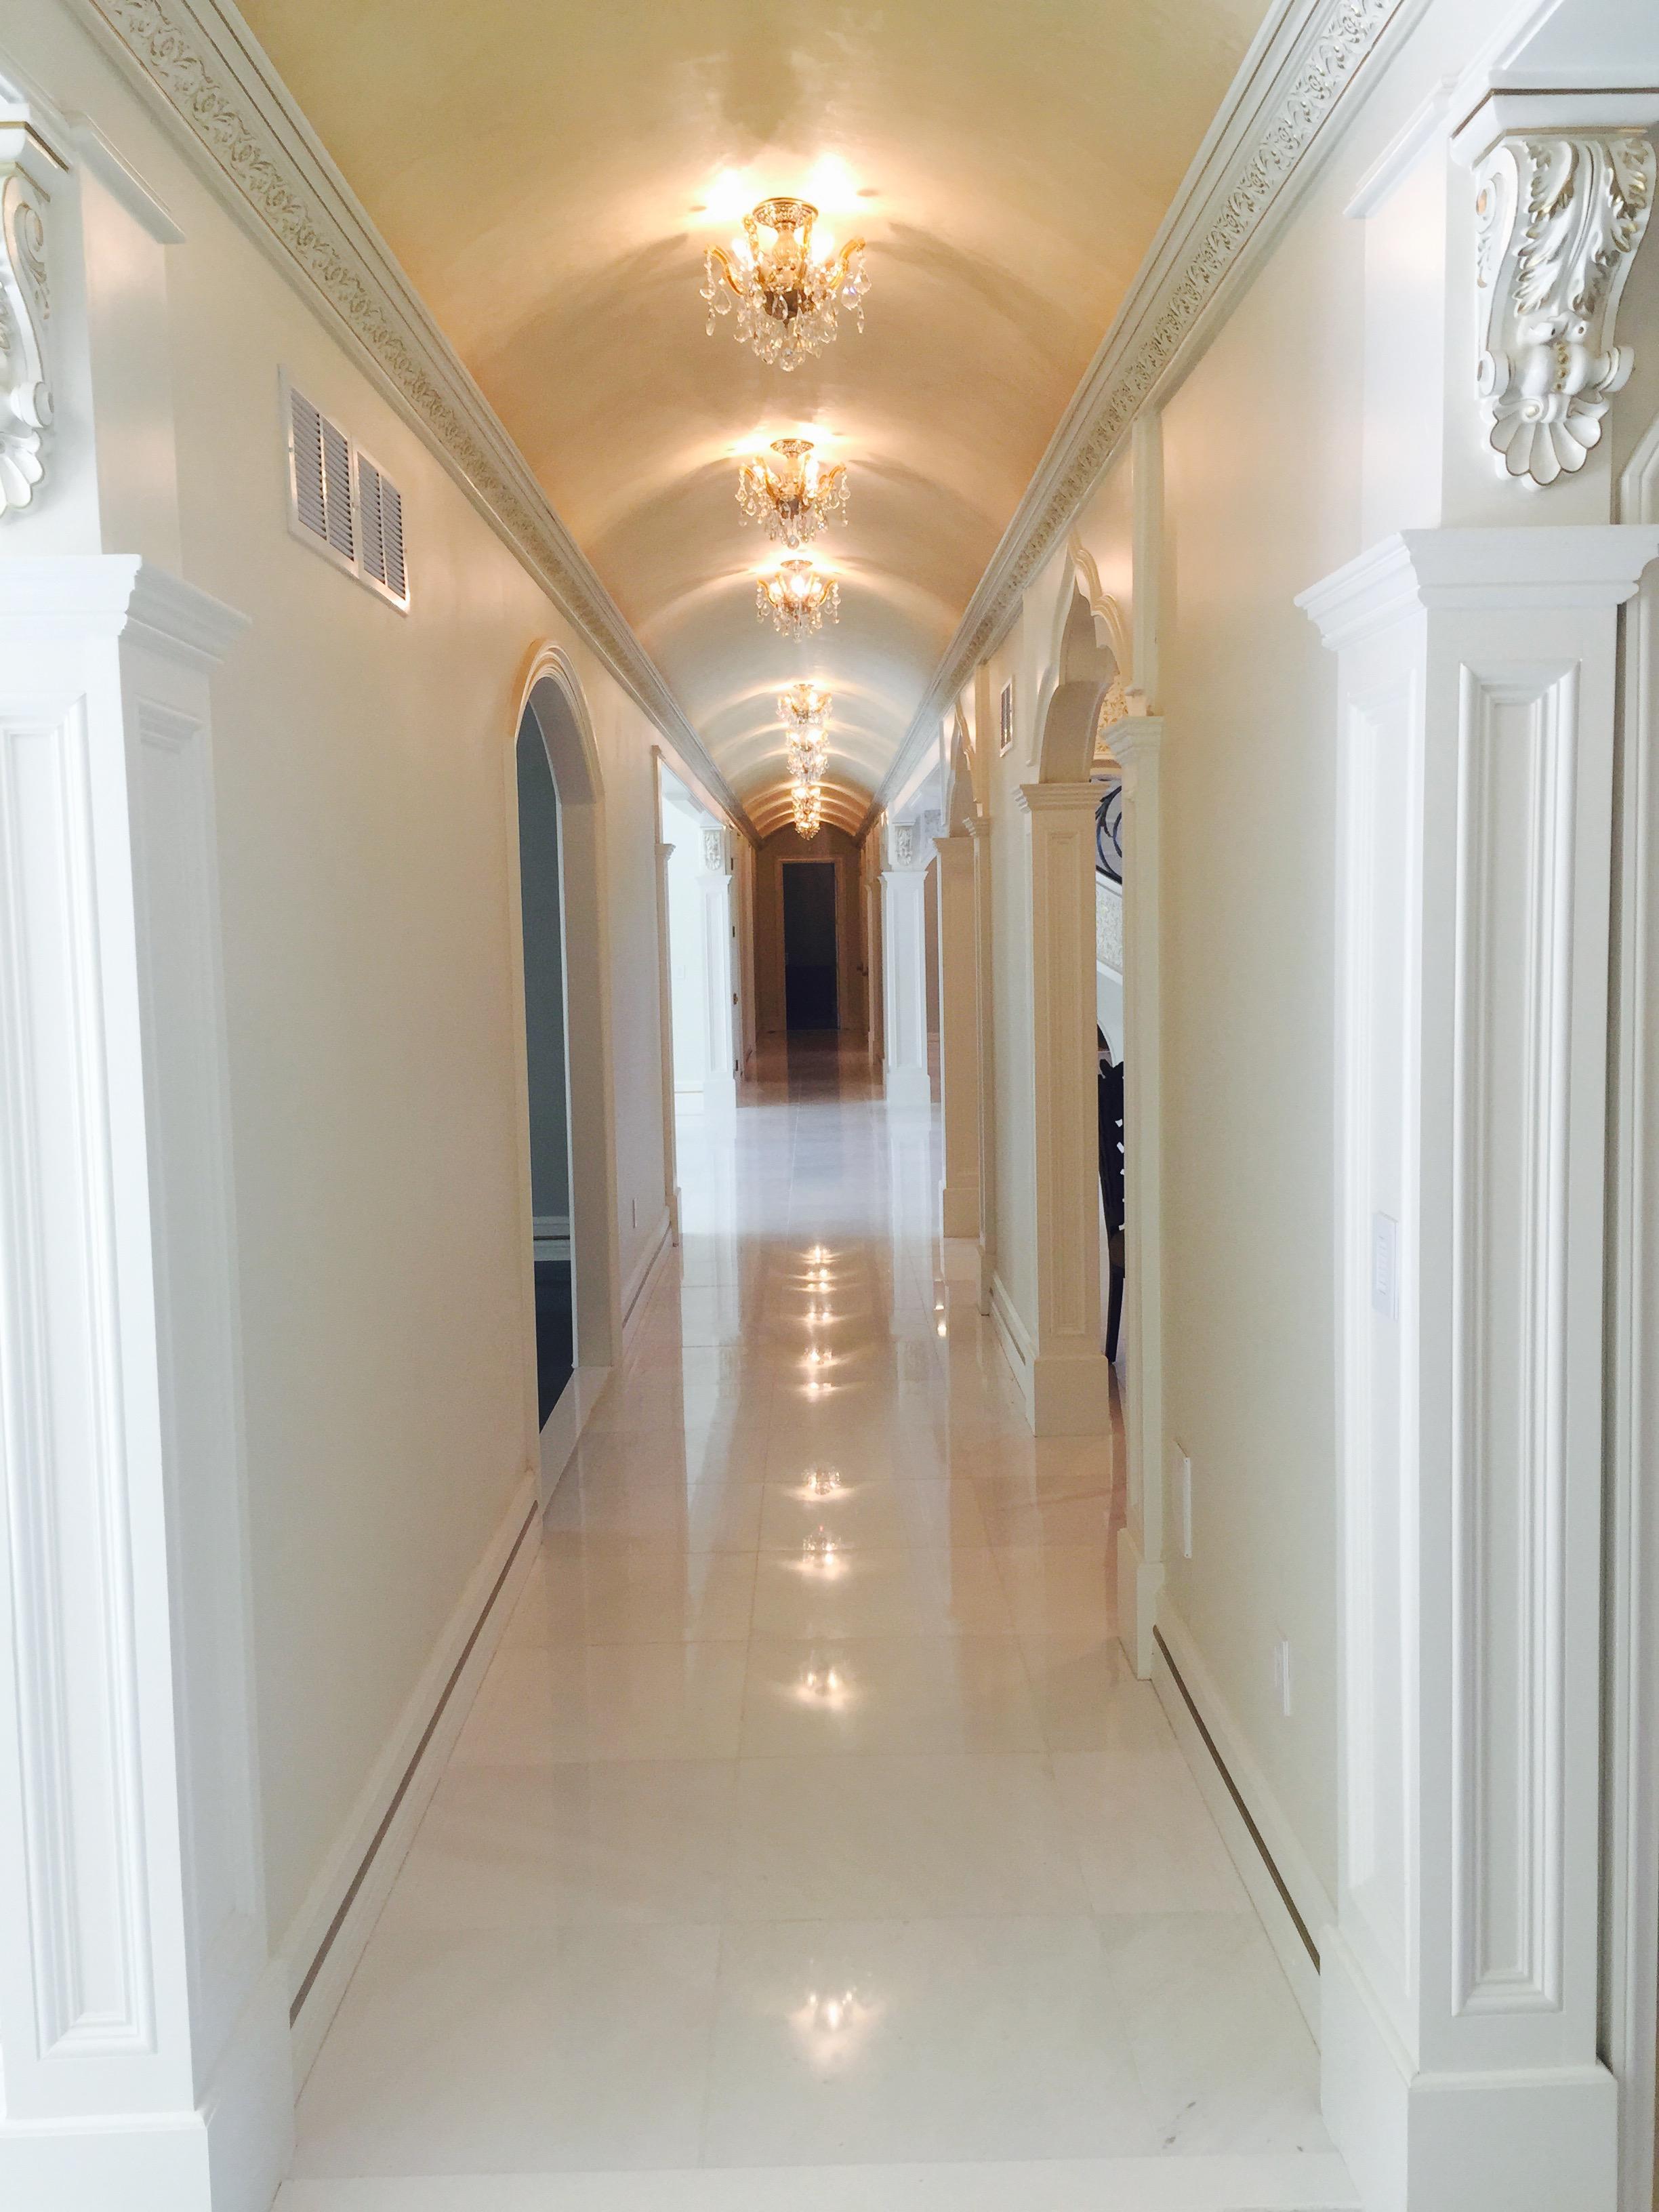 Hallway with Dolomite 24x24